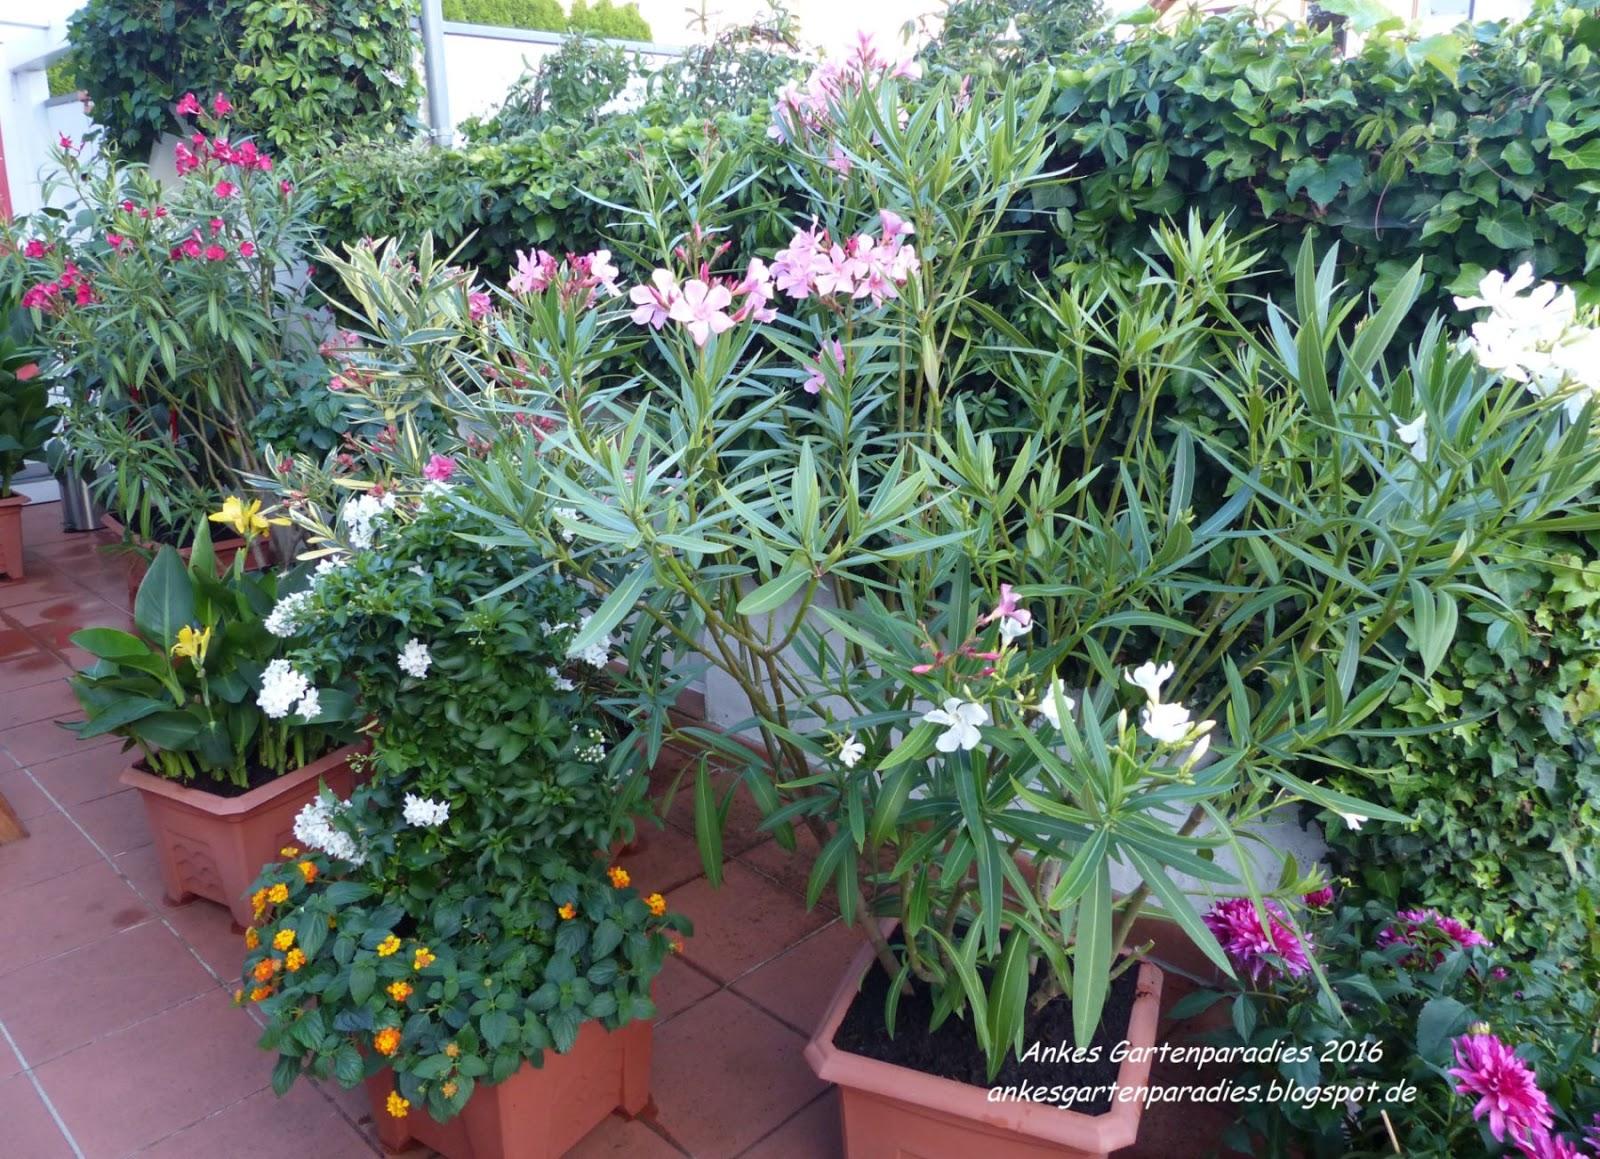 Winterharte k belpflanzen sonnig wohn design for Winterharte kubelpflanzen